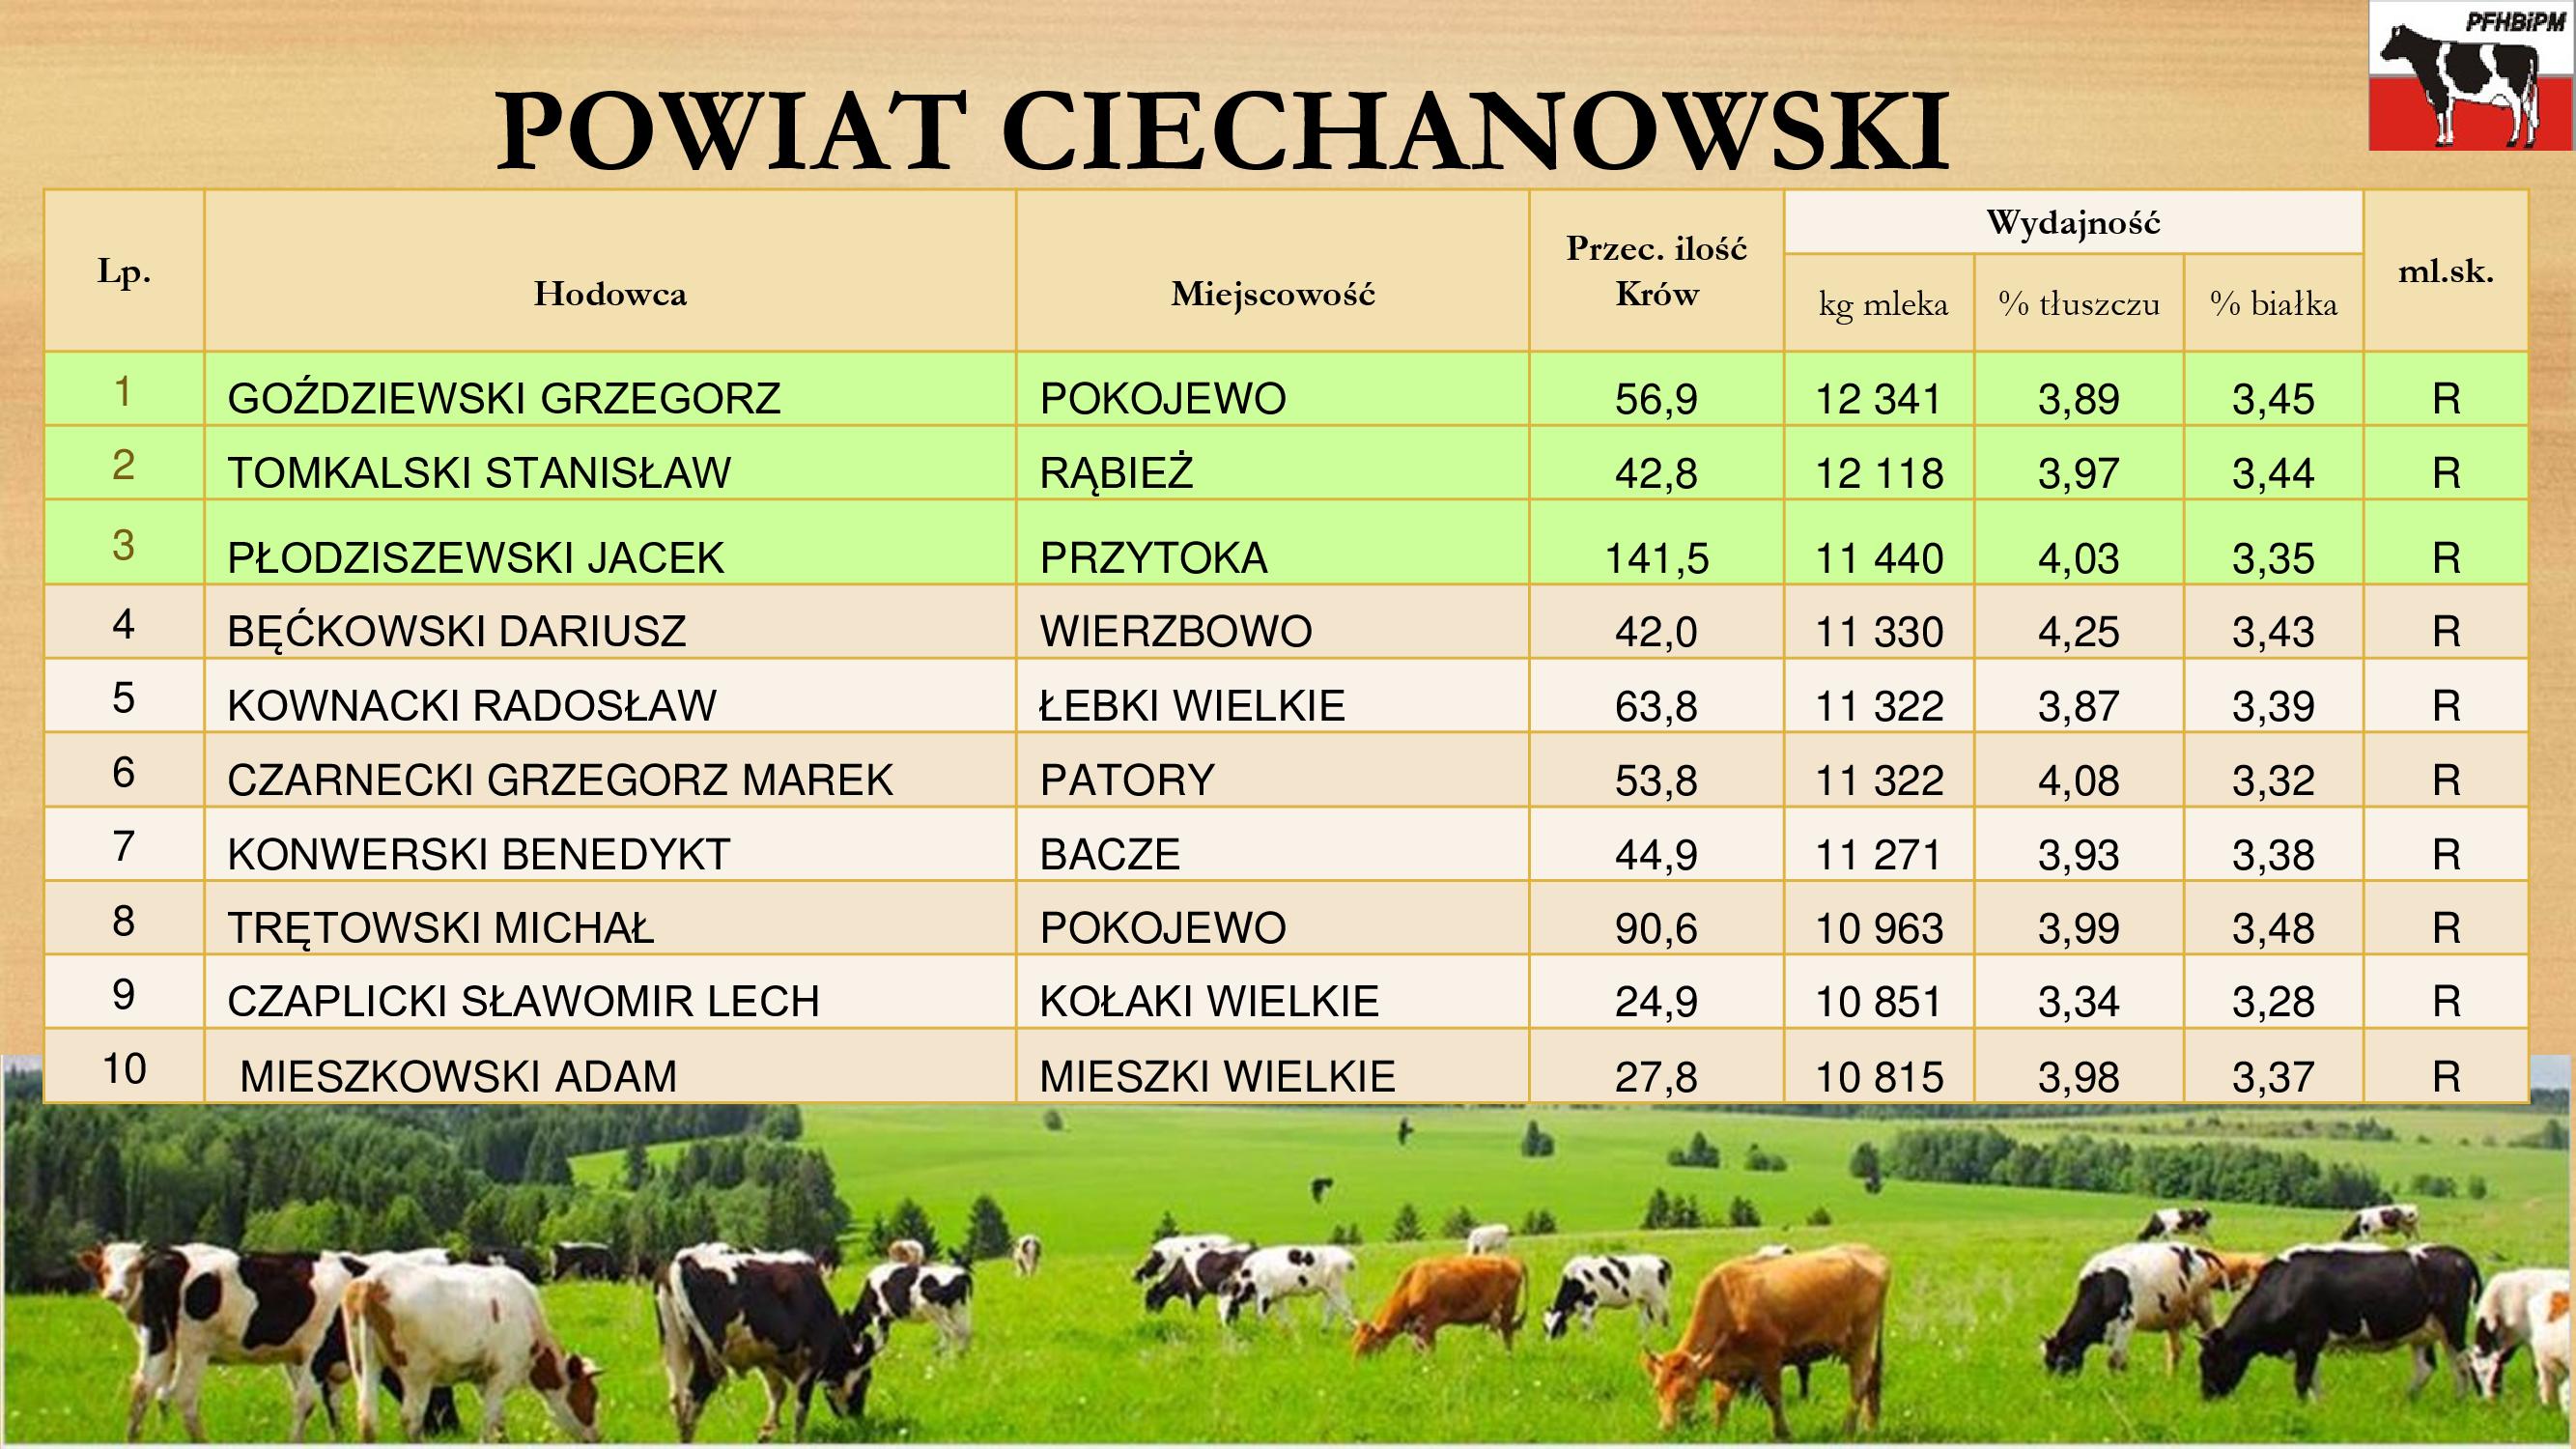 Powiat Ciechanowski